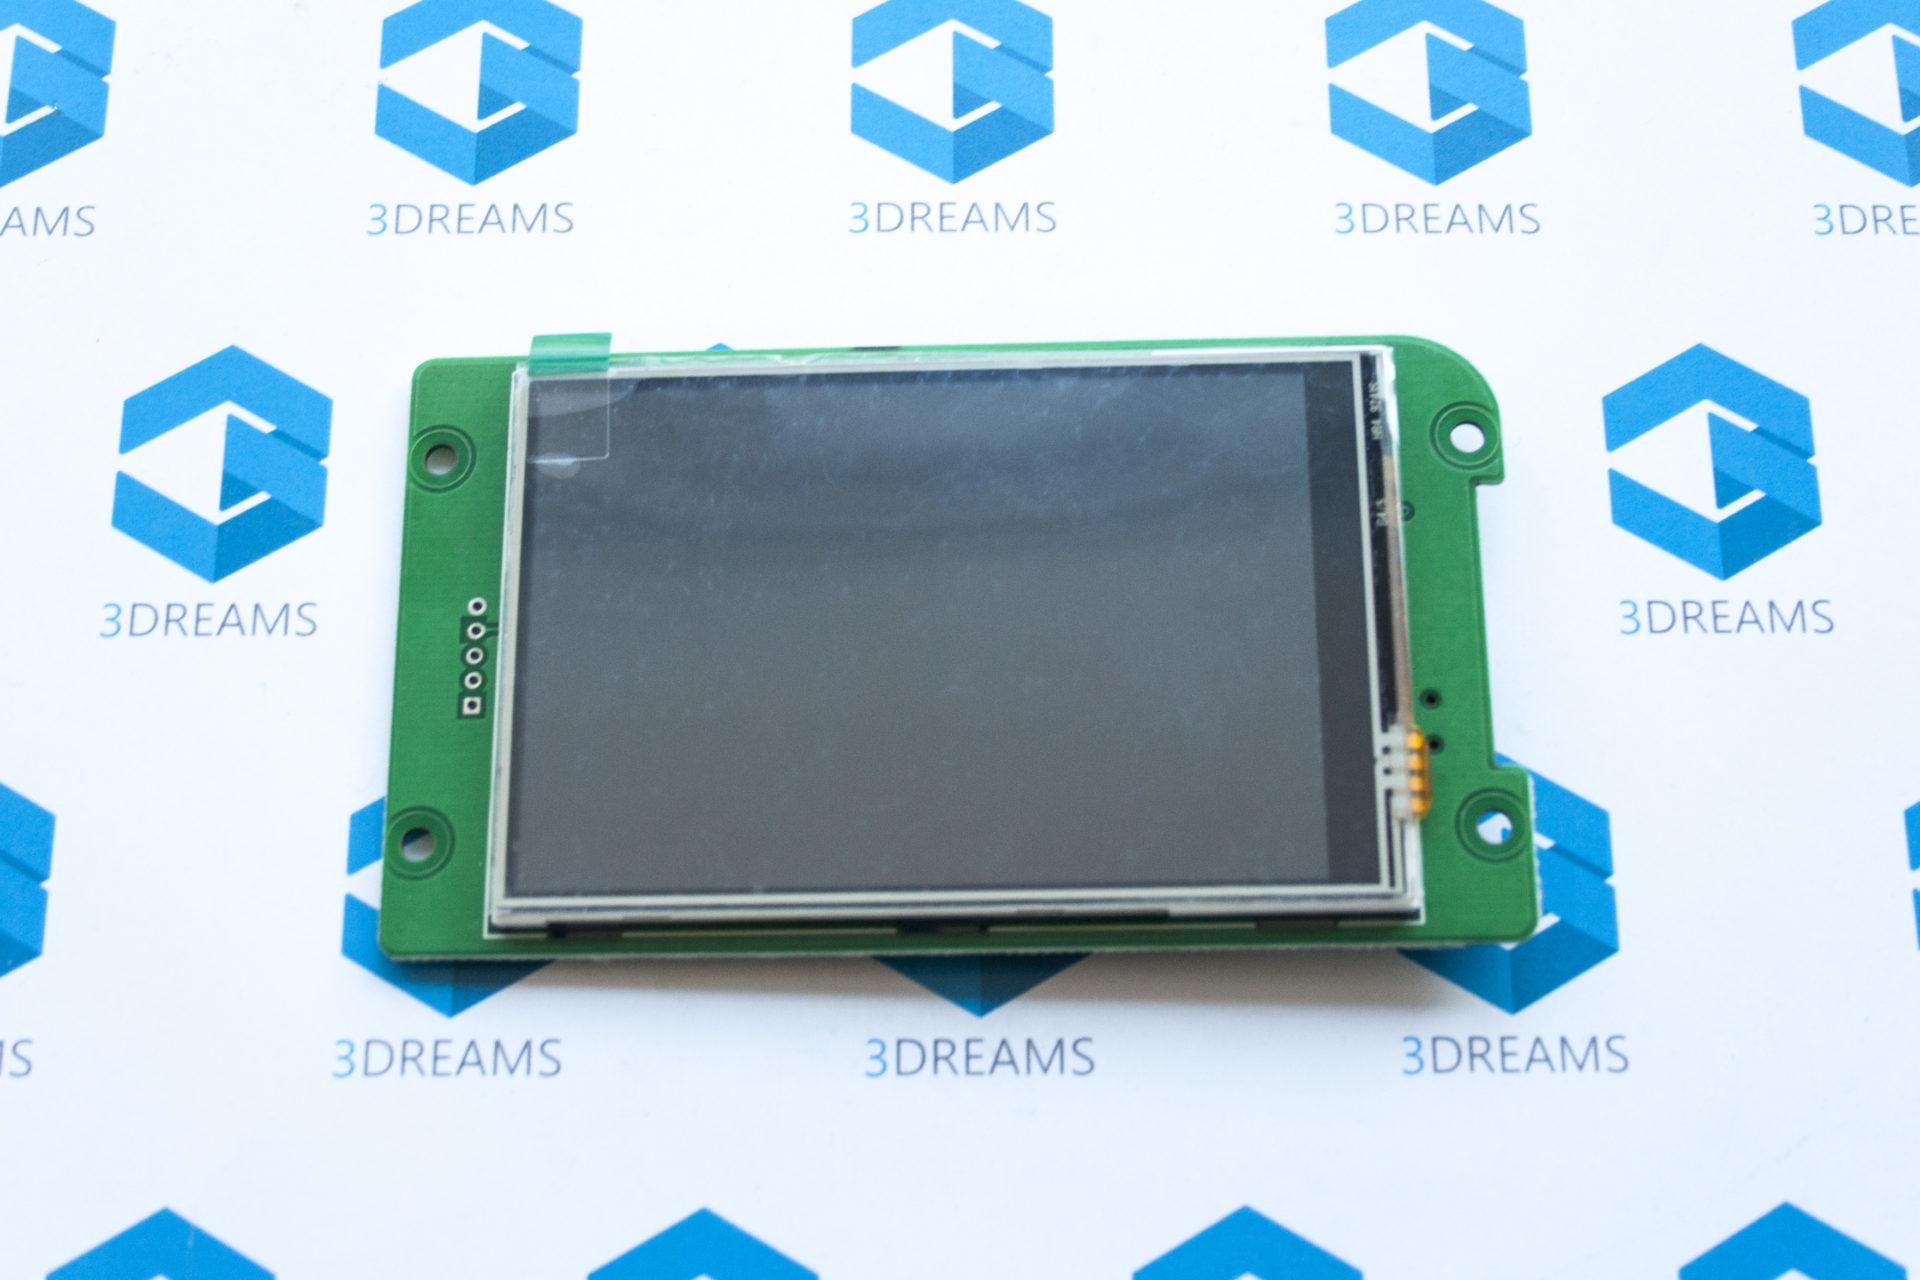 Дисплей сенсорный для 3D принтера Anycubic Mega S купить украина 1